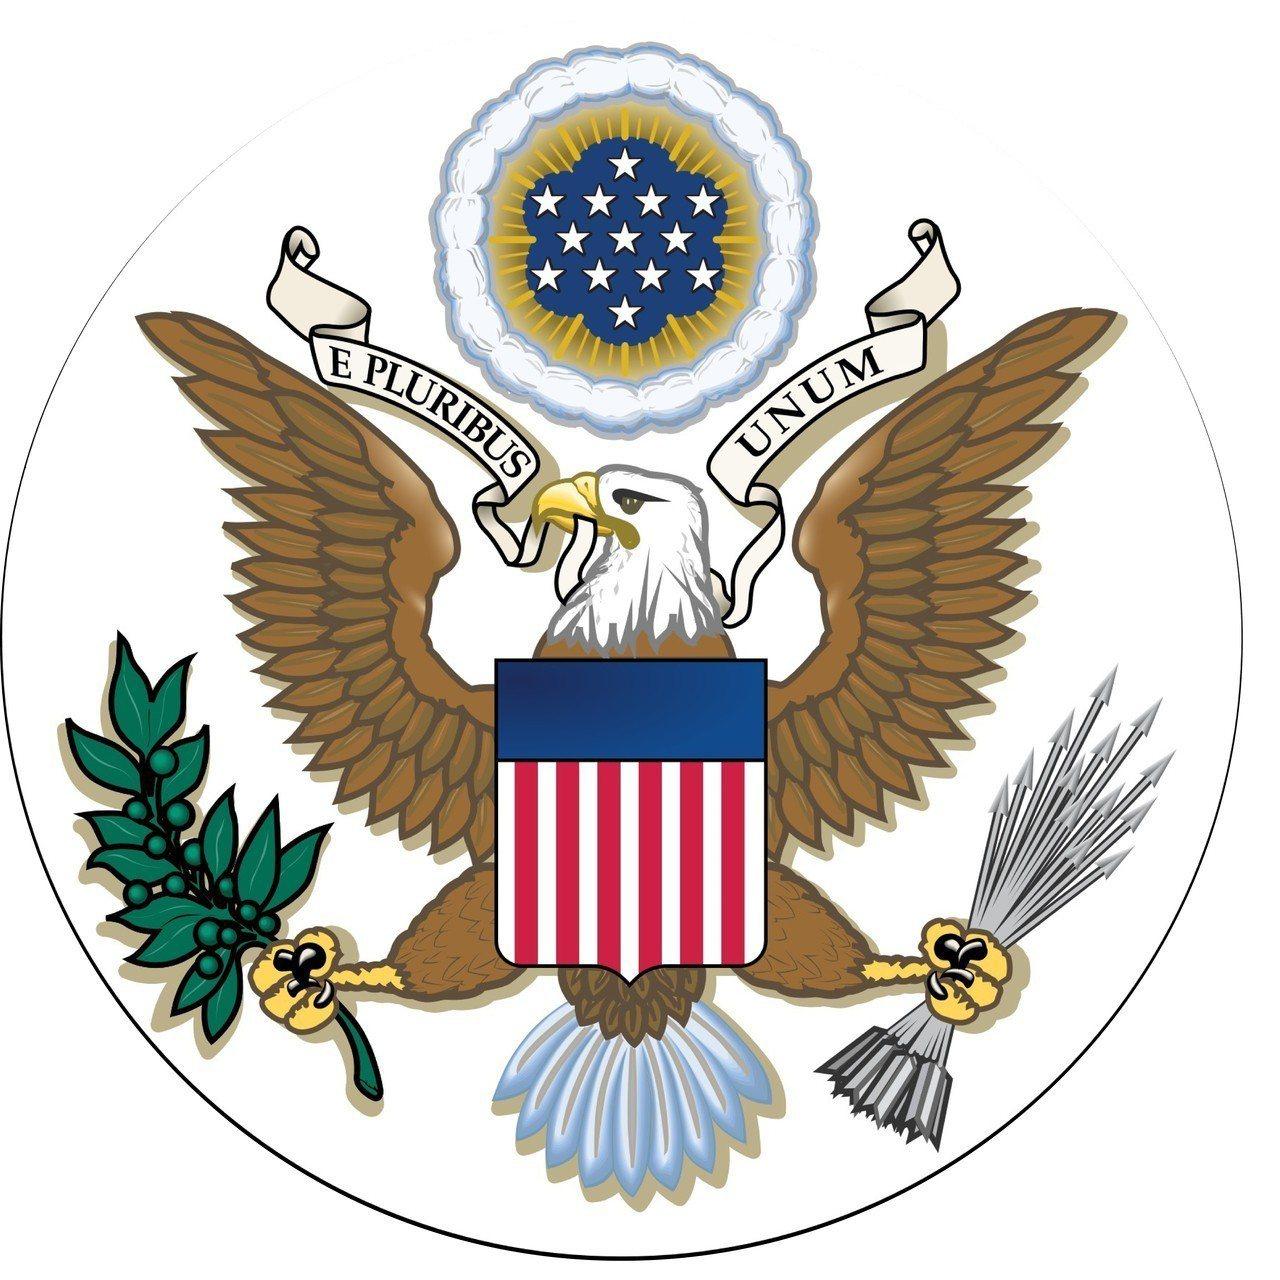 普丁諷美國徽,老鷹吃光了橄欖枝。 美聯社